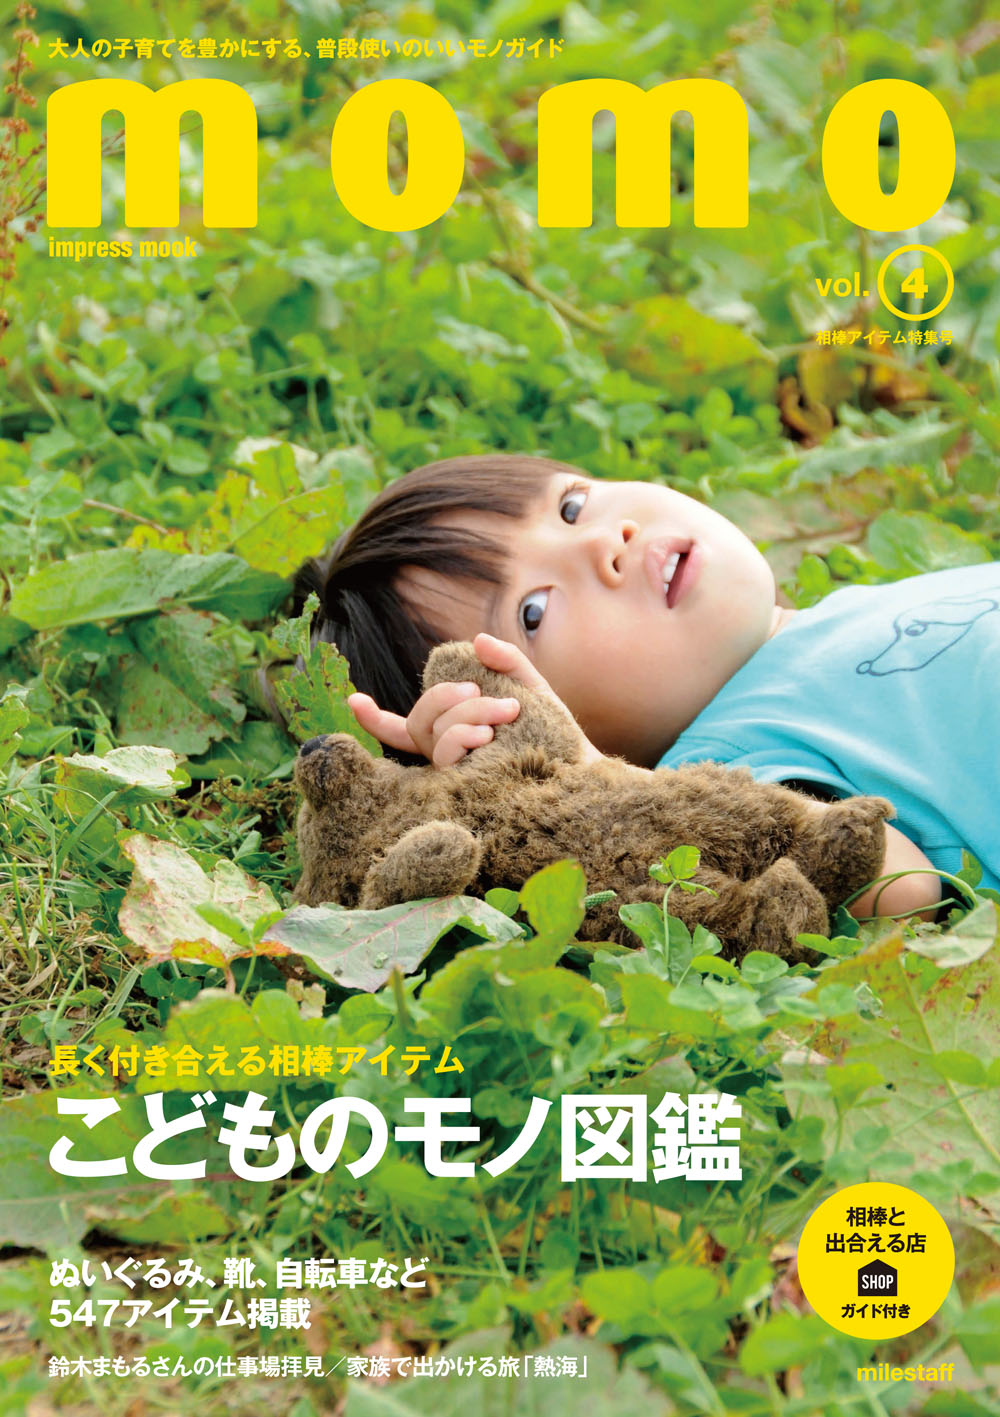 momo vol.4 相棒アイテム特集号